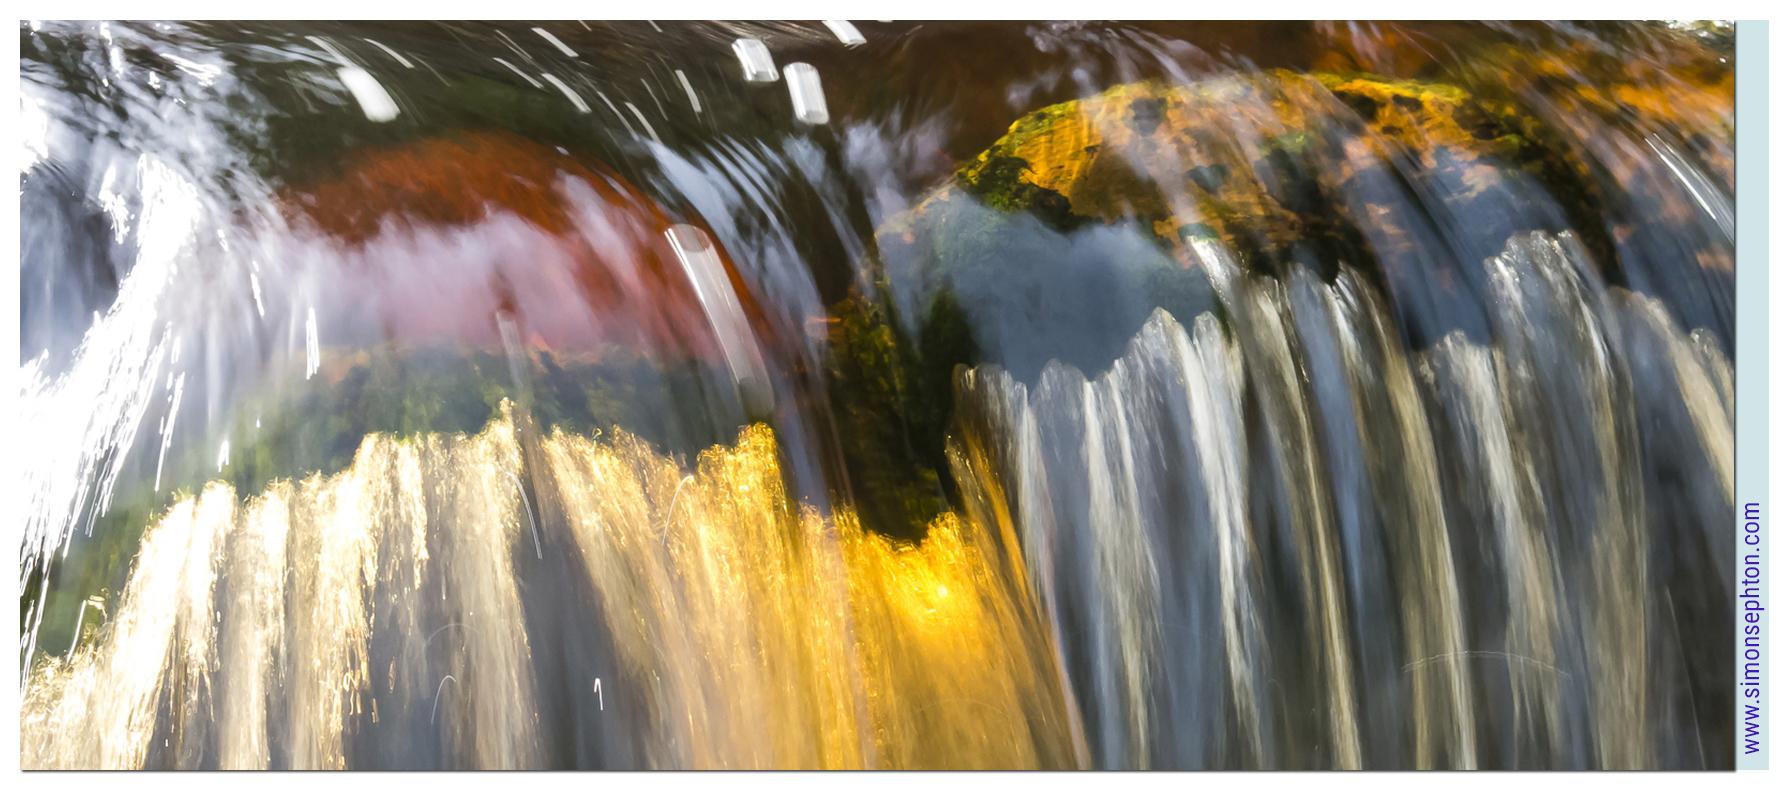 """""""Otter gold"""" by Simon Sephton."""